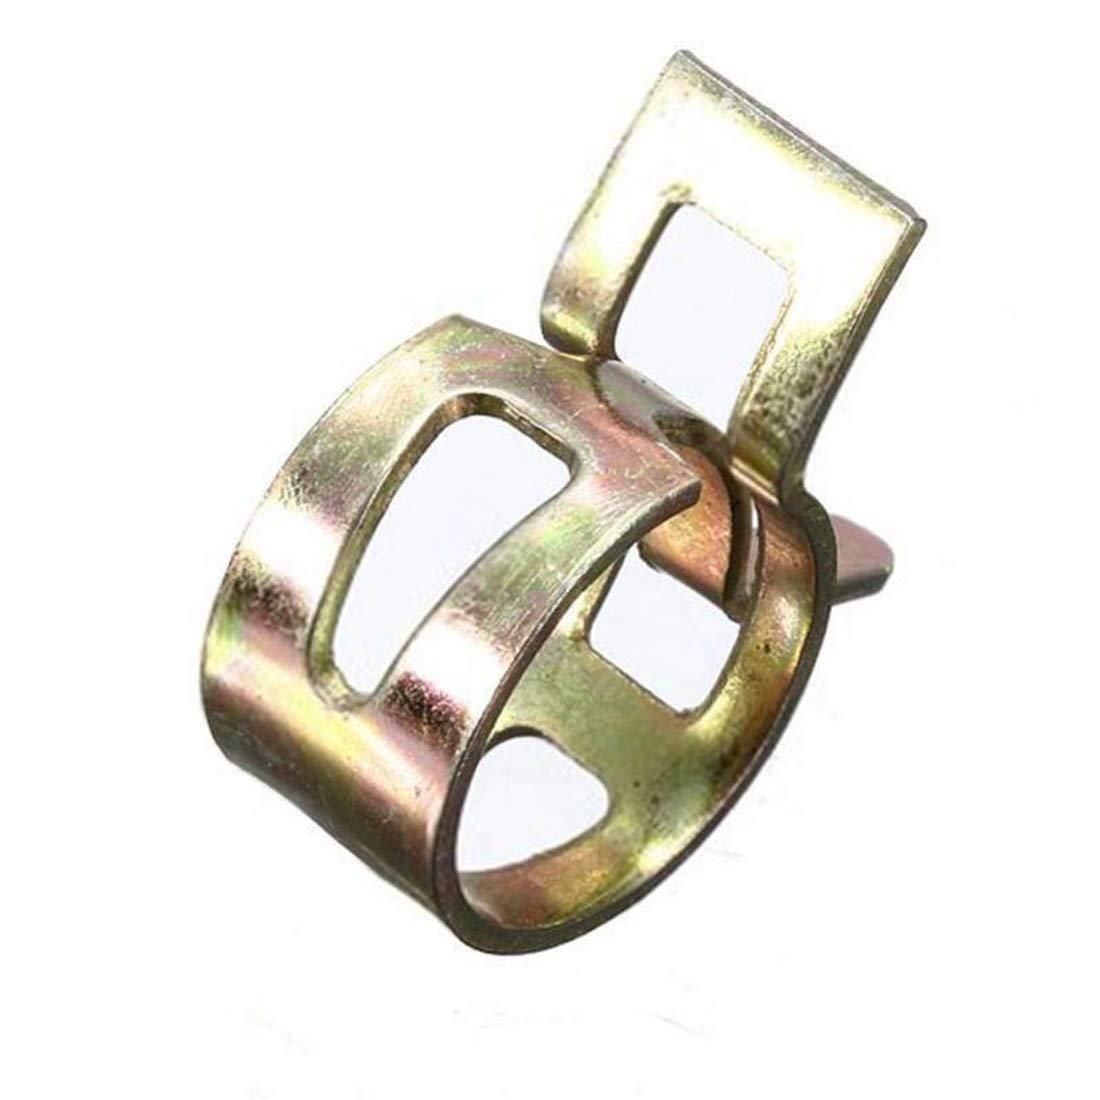 OSAYES la Bande 6-15mm Printemps 10pcs Carburant Hose Clips extraits du Tuyau de Pipe /à Eau Tube Vide Le Collier de Silicone dair